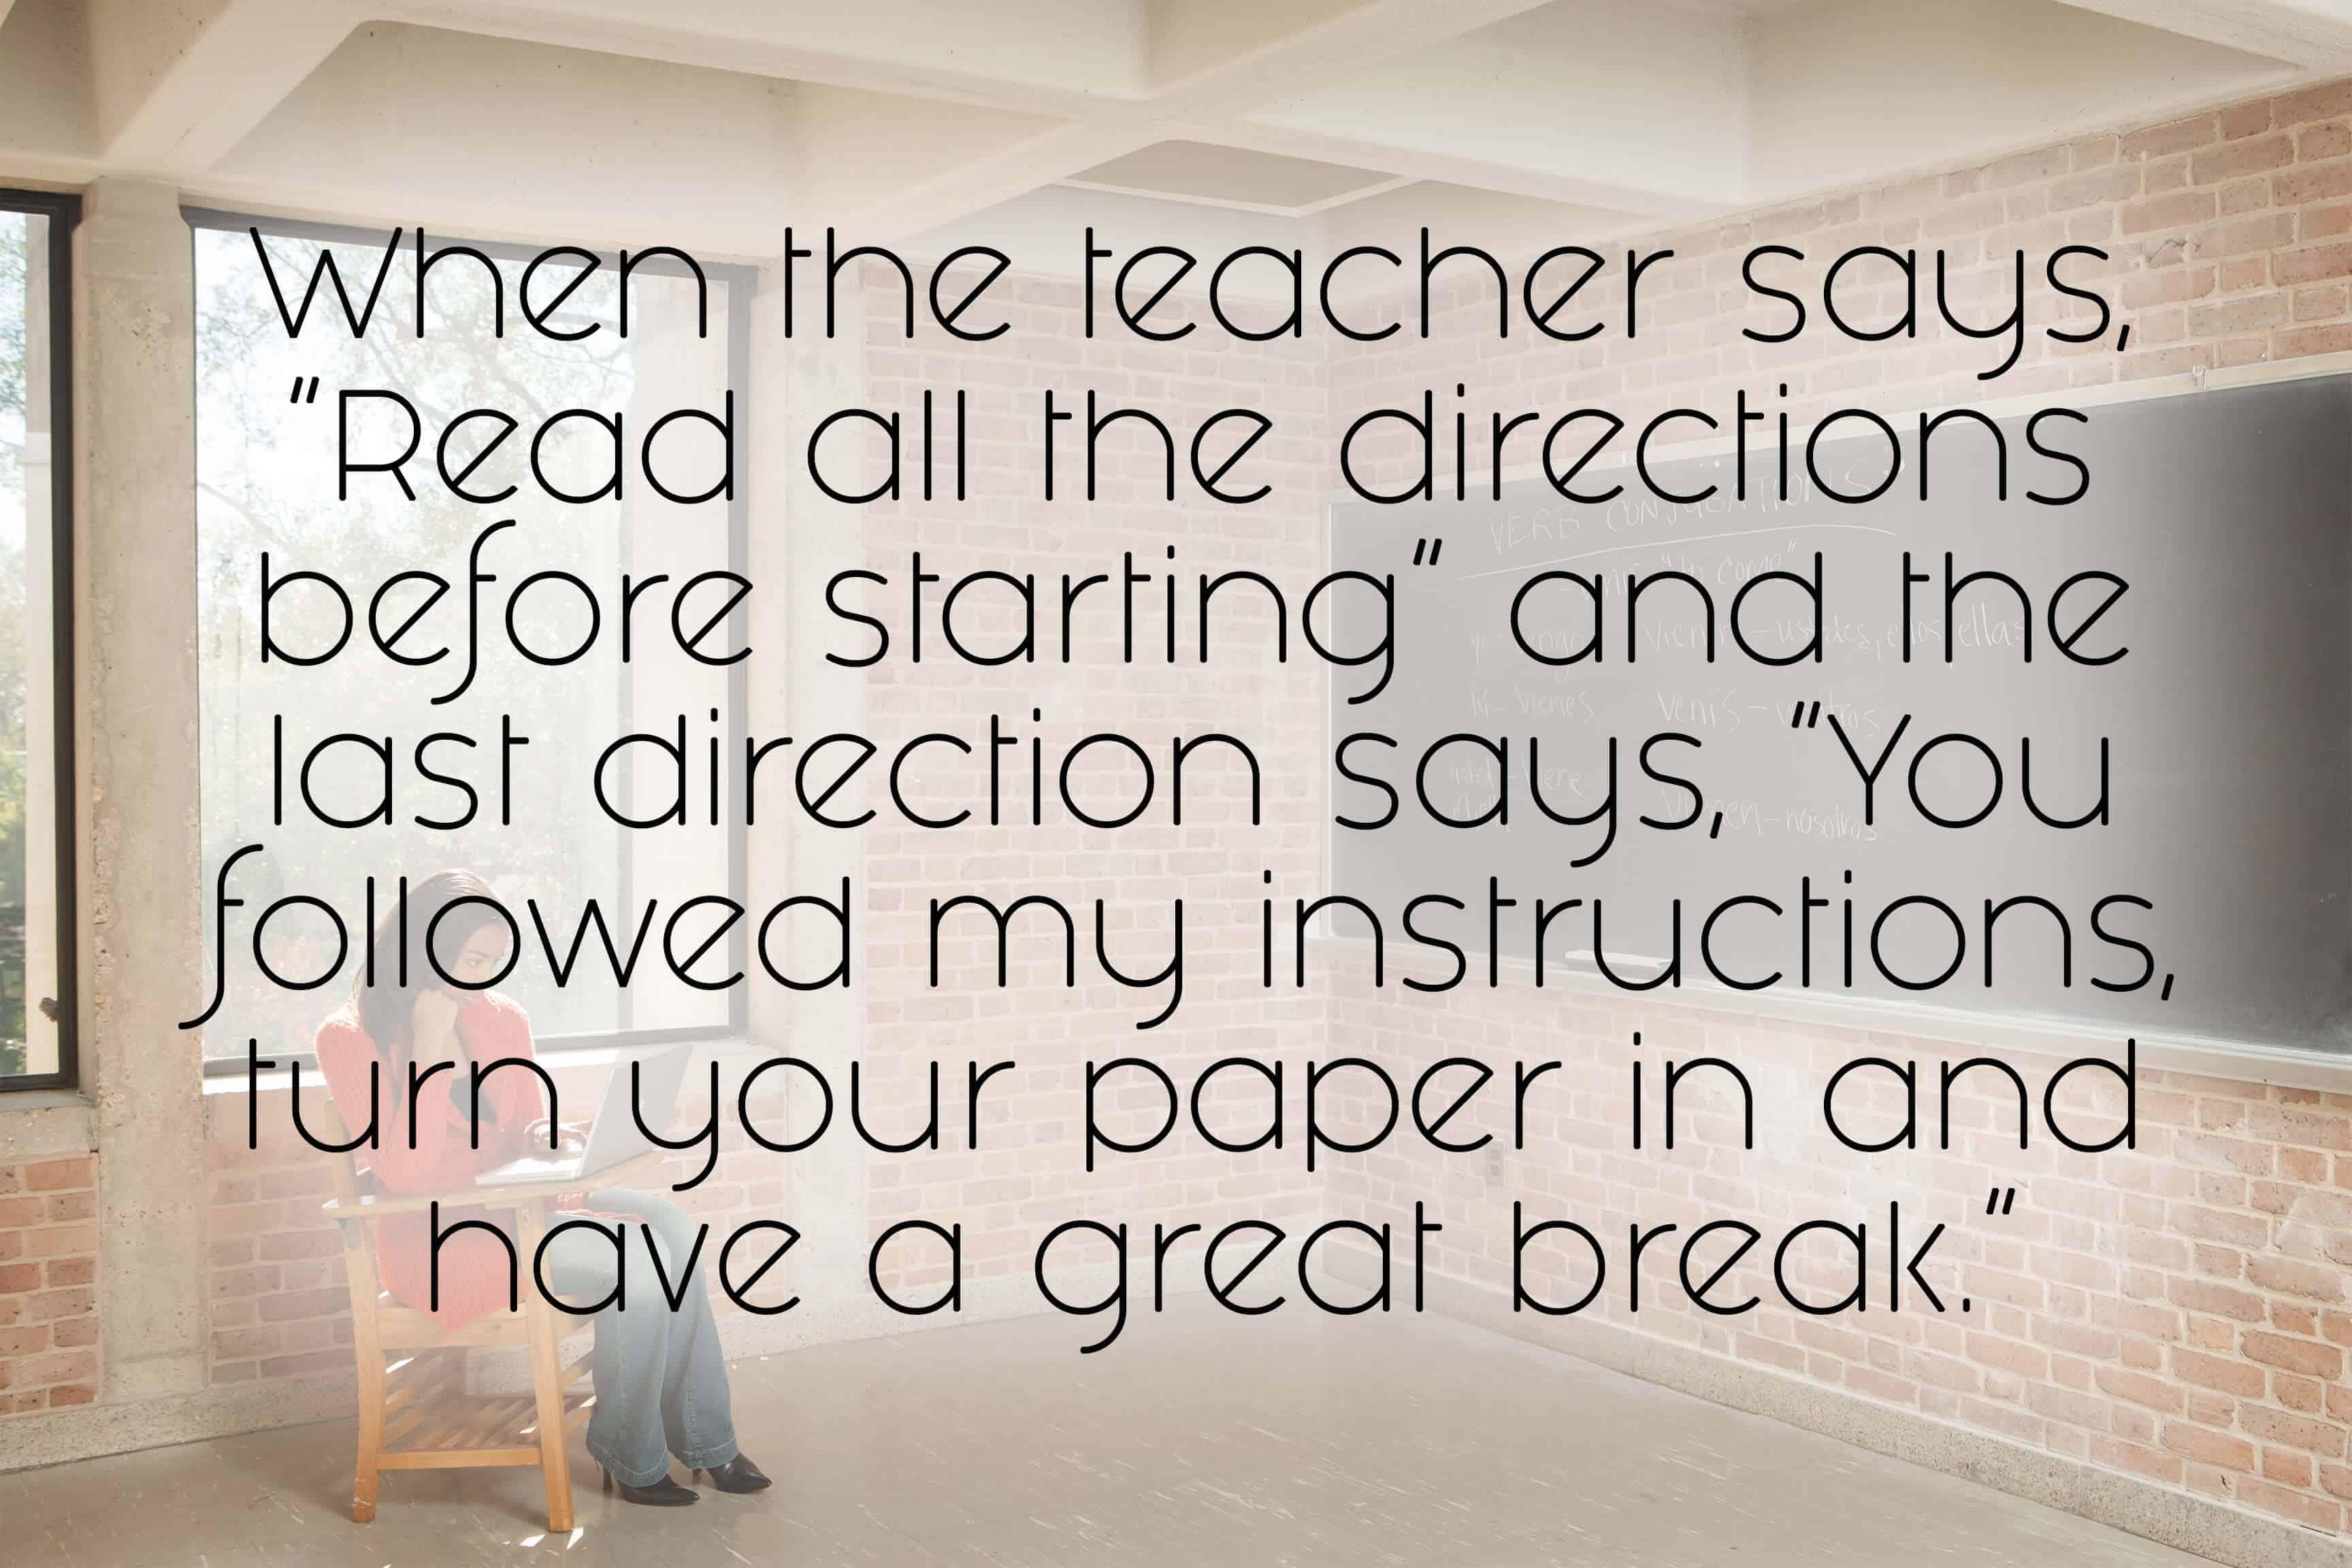 12. When the teacher says